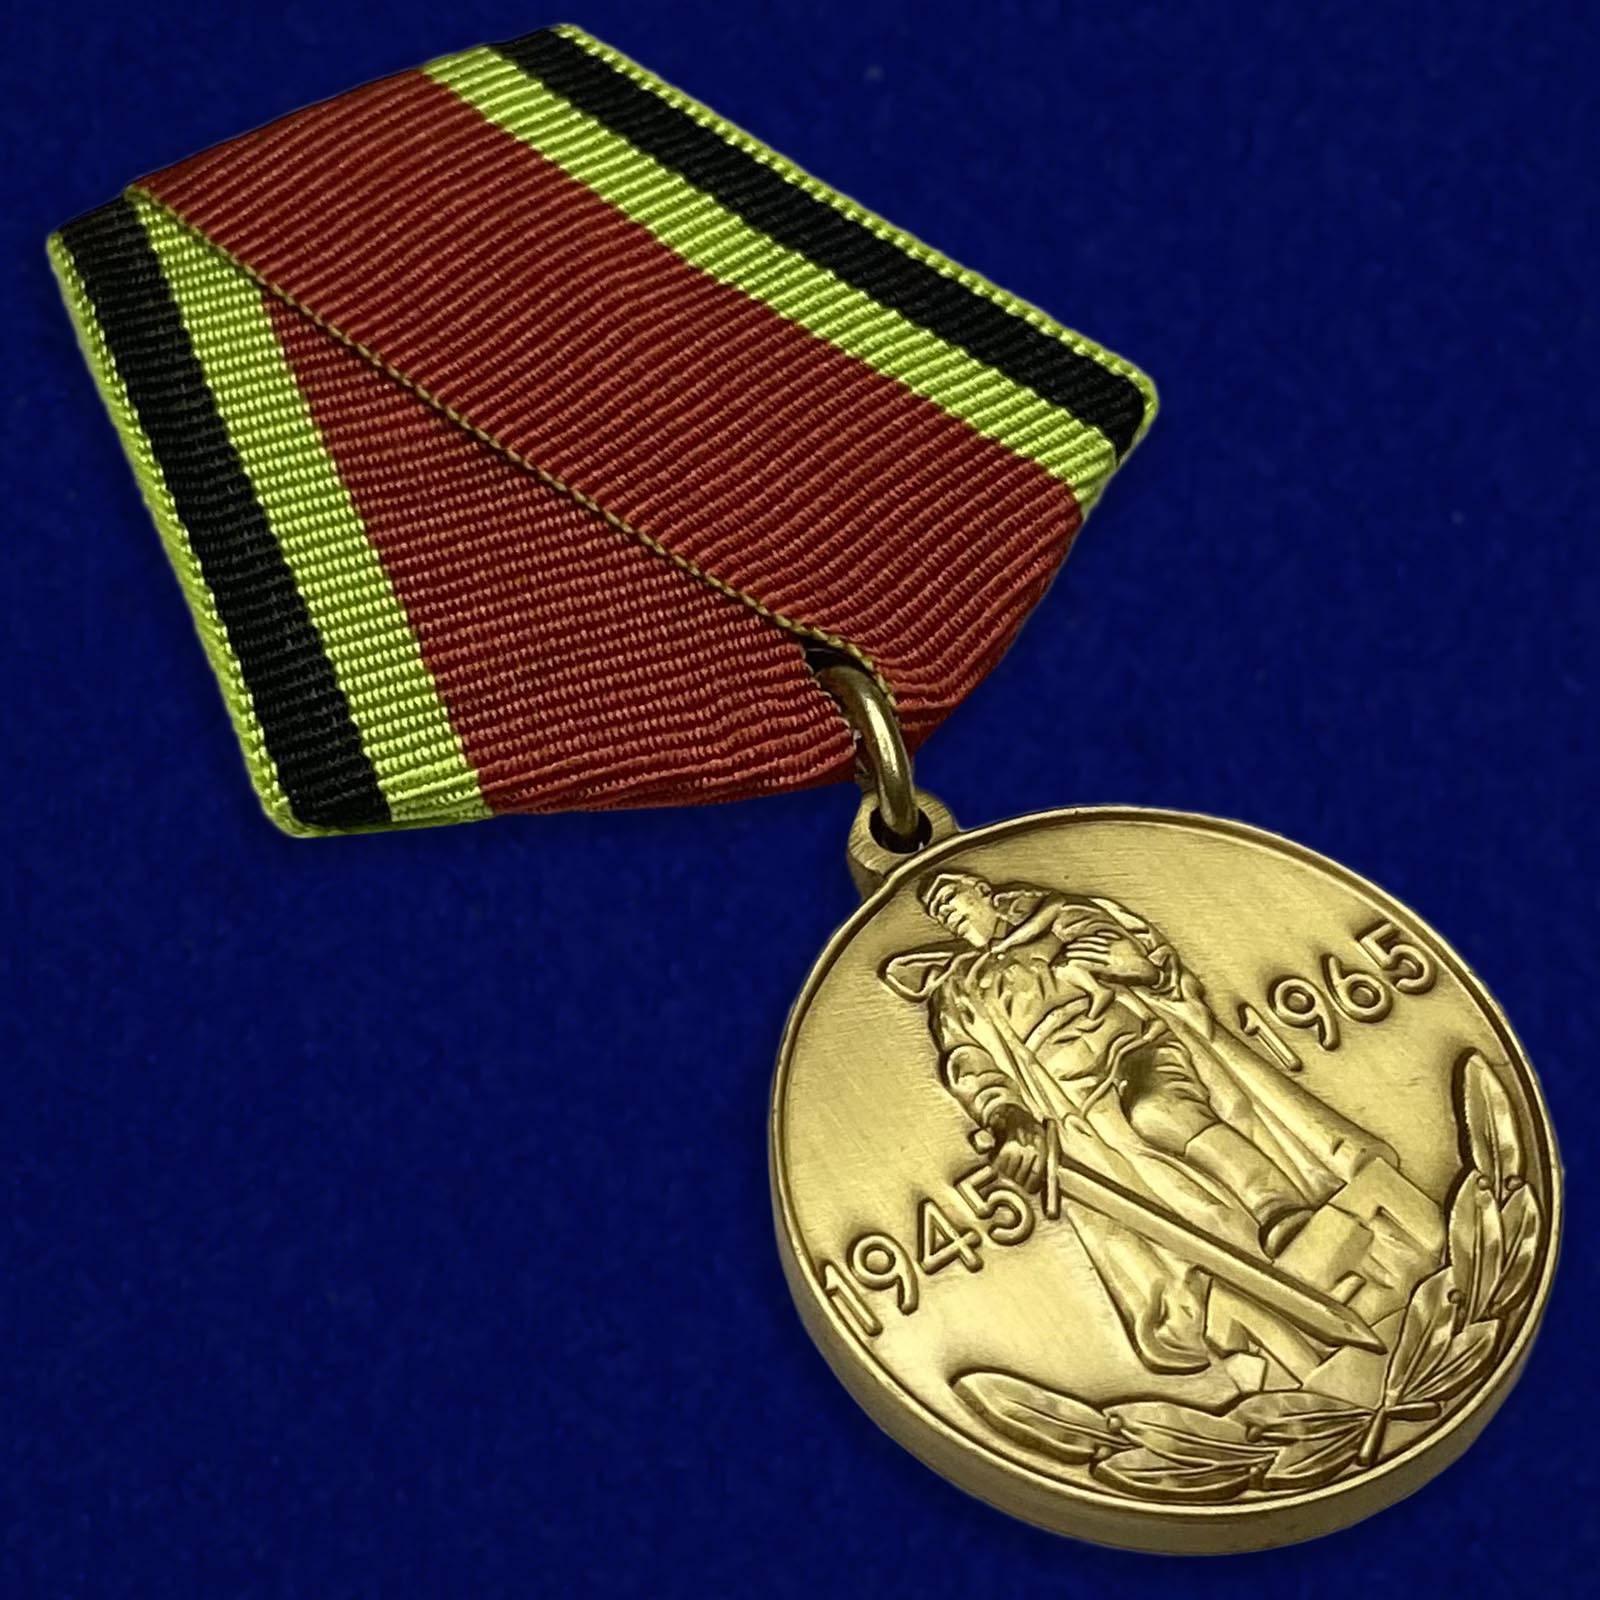 mulyazh-medali-20-let-pobedy-26.jpg